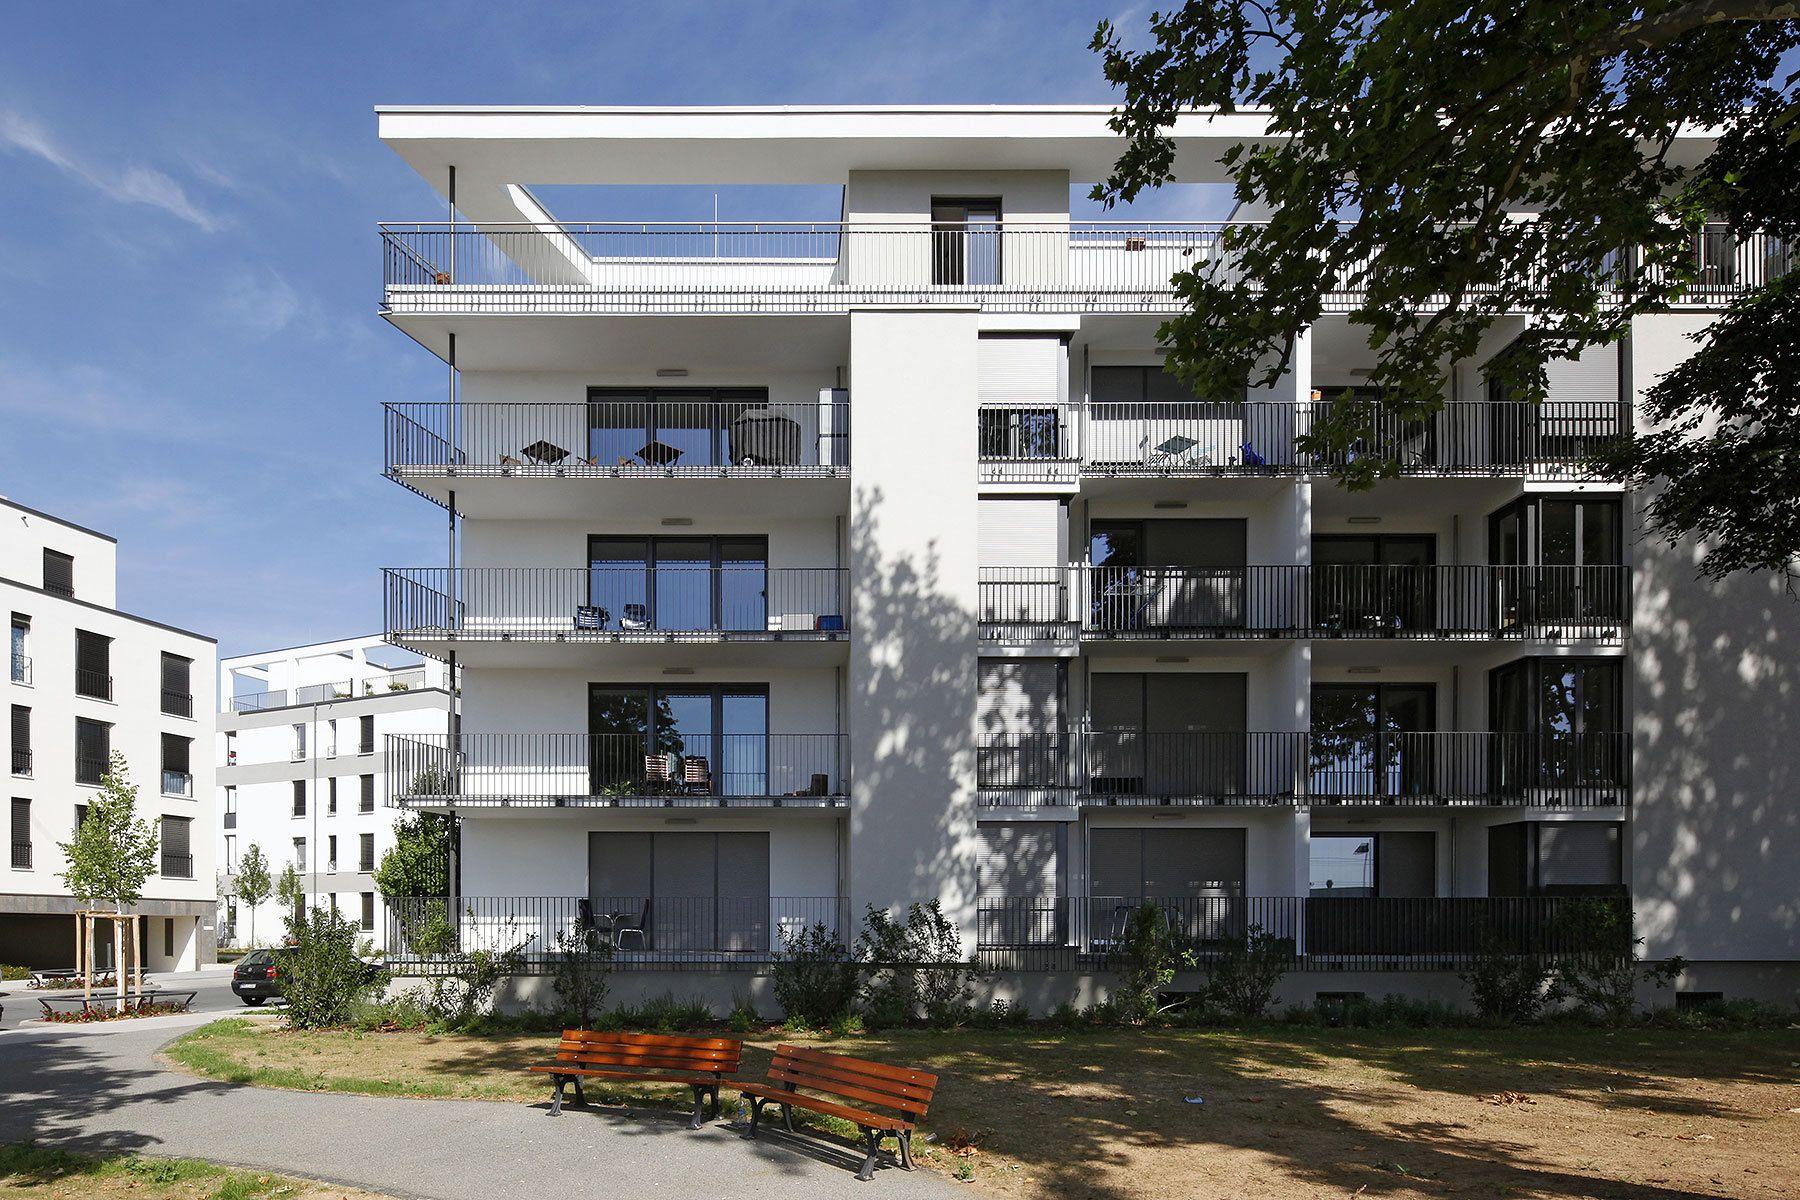 Wohnanlage Belair, Frankfurt am Main 2014